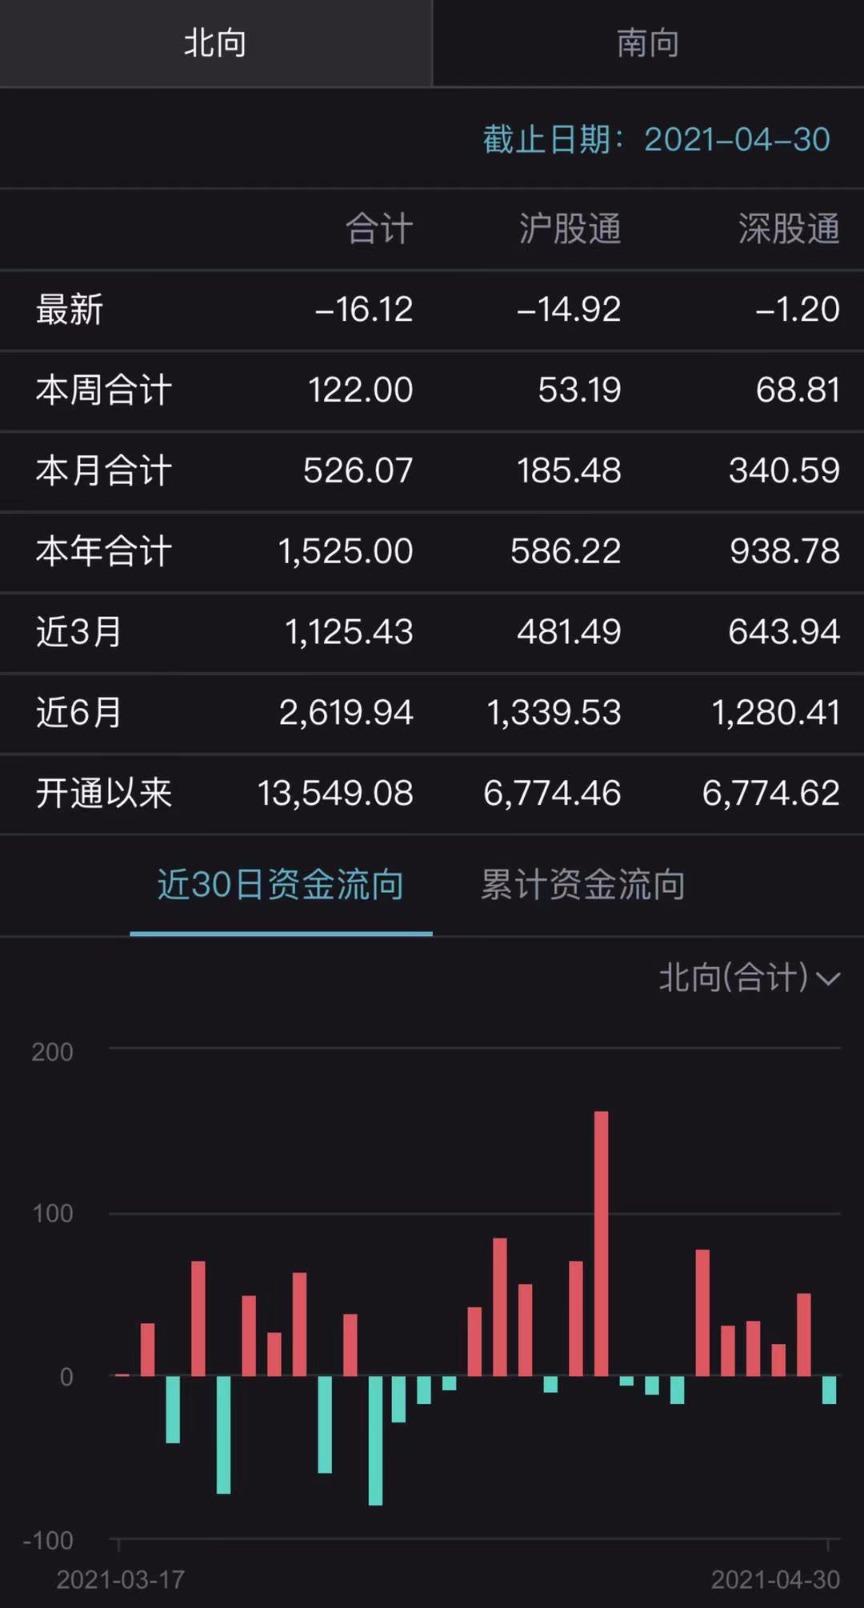 百度排名_人均赚了1万元!4月最牛个股涨逾400% 最熊个股跌逾70% 你赚钱了吗?插图3